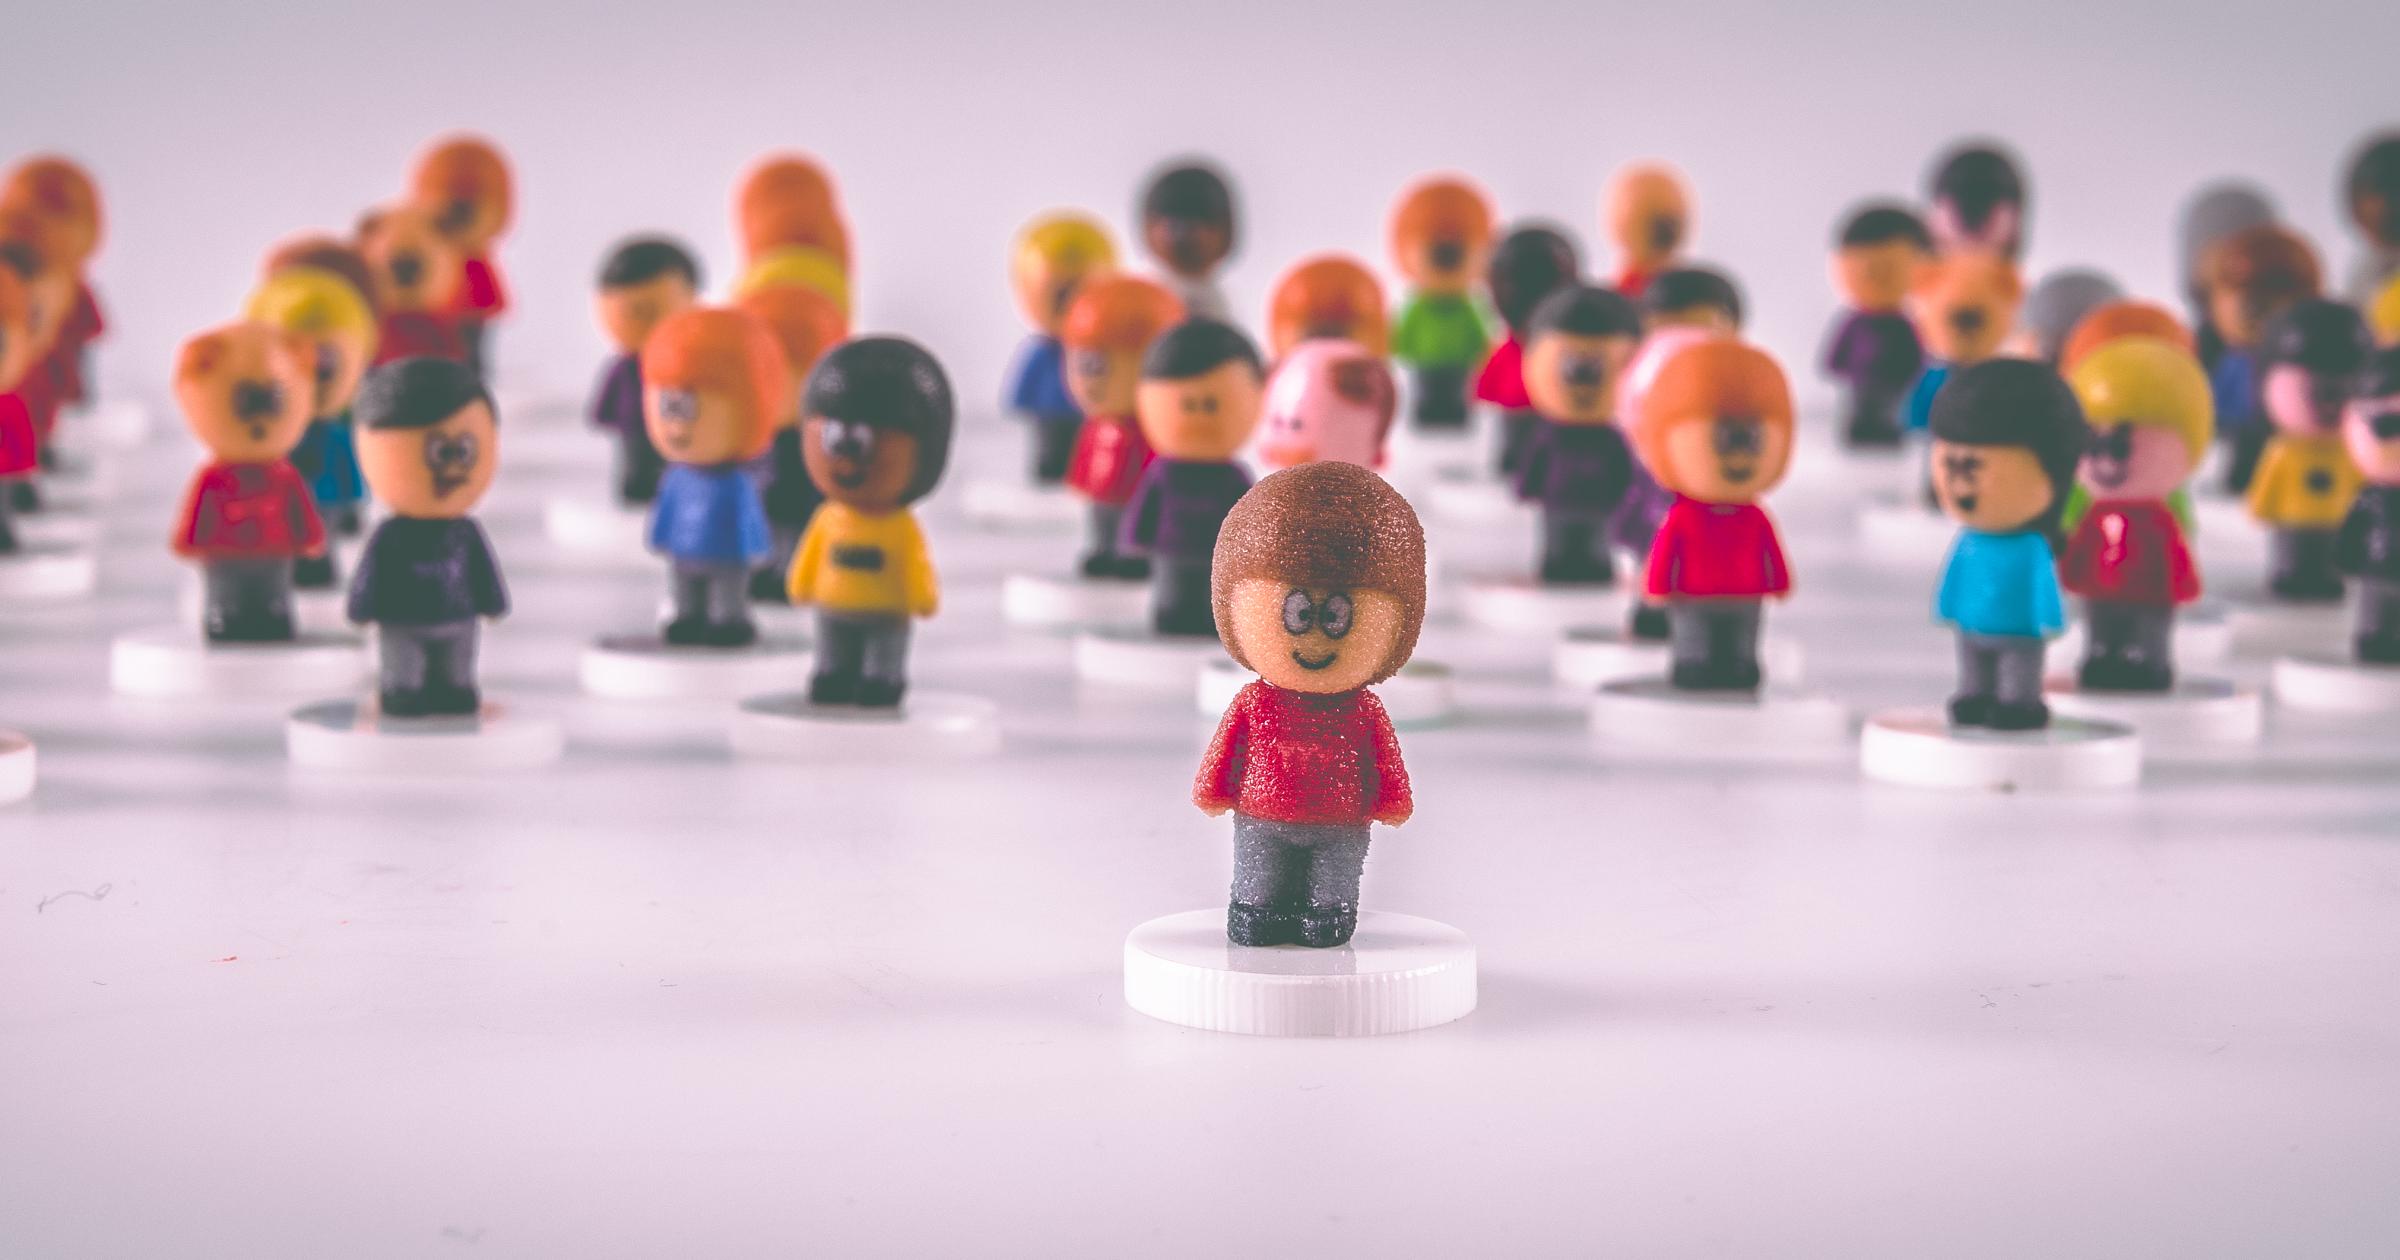 3d printed unique avatars